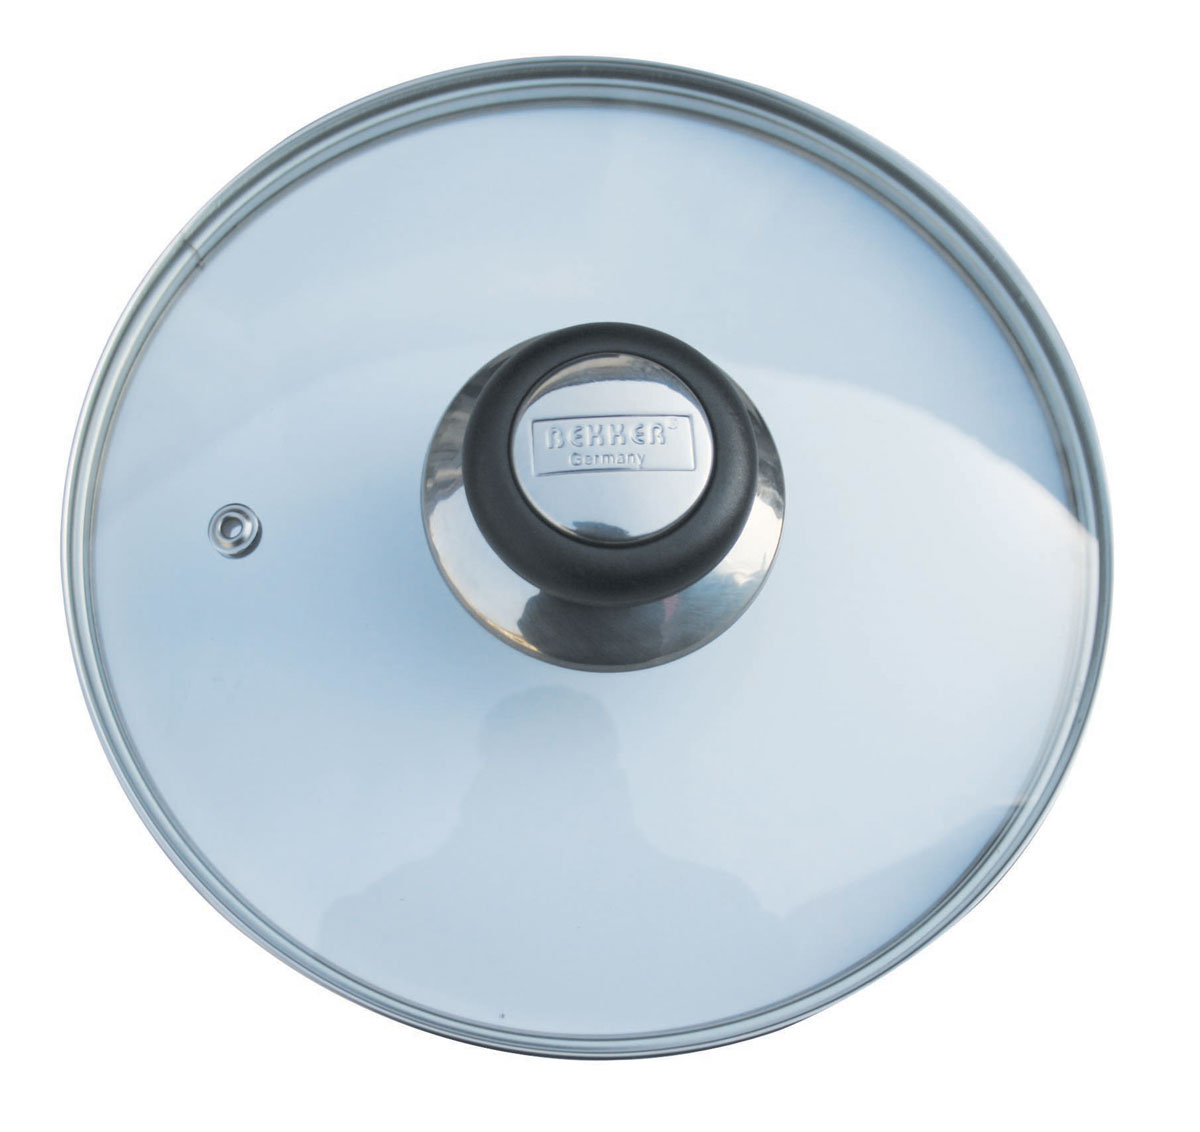 Крышка стеклянная Bekker. Диаметр 18 смBK-5408Крышка Bekker изготовлена из прозрачного термостойкого стекла. Обод, выполненный из высококачественной нержавеющей стали, защищает крышку от повреждений. Ручка из бакелита черного цвета защищает ваши руки от высоких температур. Крышка удобна в использовании, позволяет контролировать процесс приготовления пищи. Имеется отверстие для выпуска пара. Толщина стенки: 4 мм.